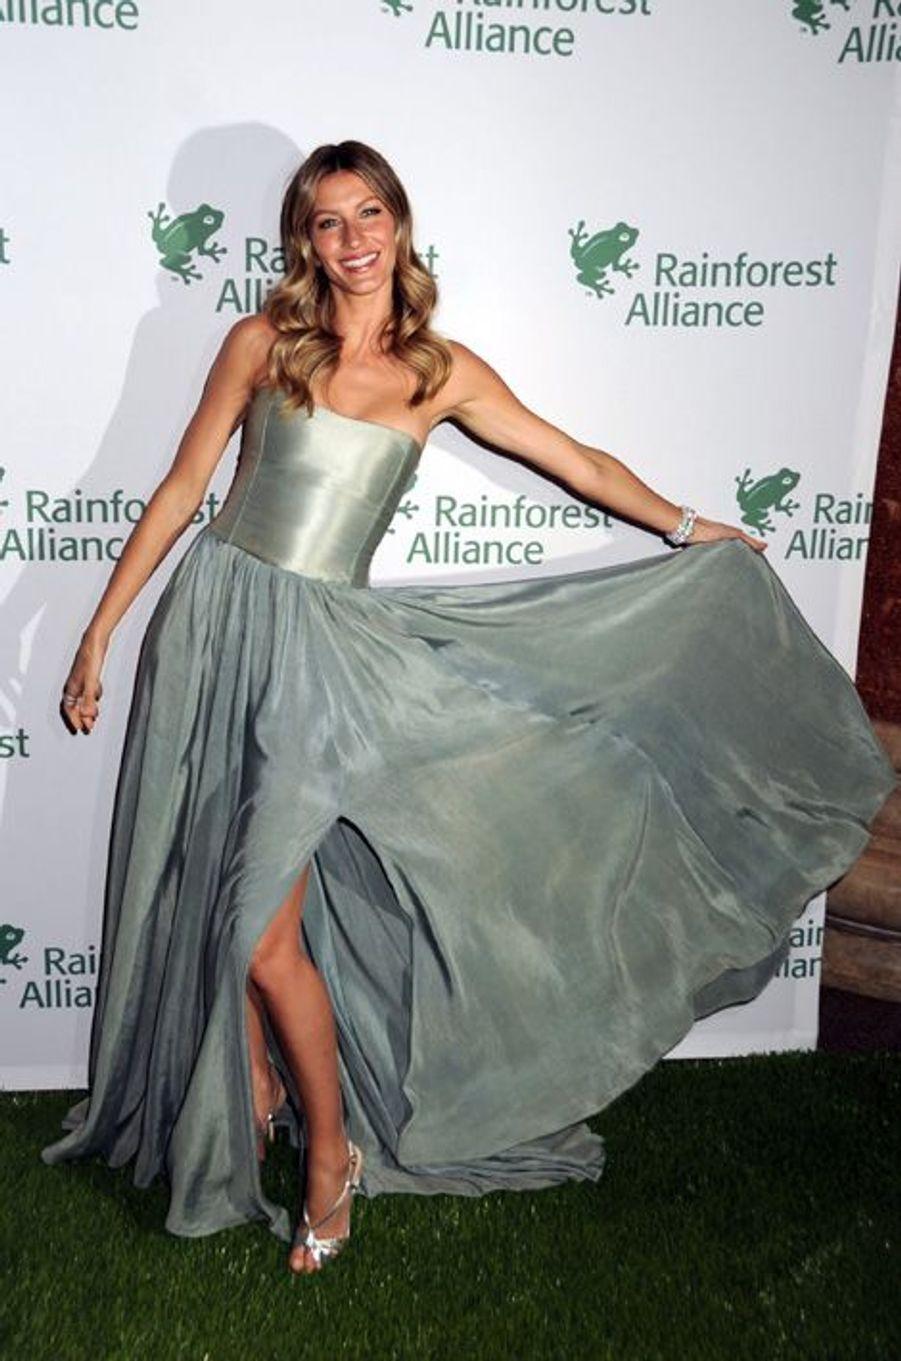 Gisele Bündchen en Jeff Garner au Rainforest Alliance Gala, en mai 2014